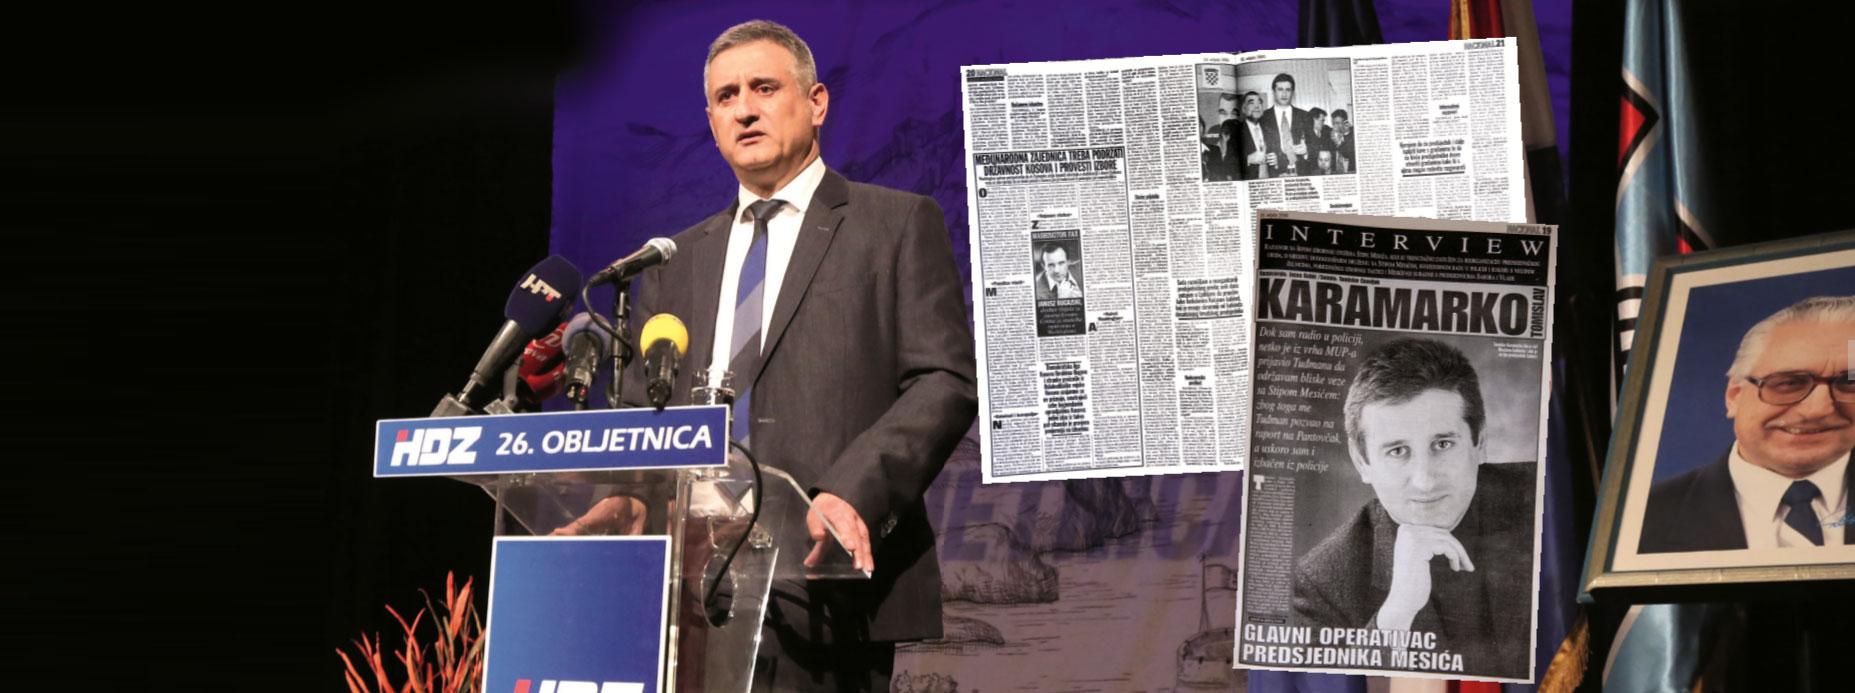 EKSKLUZIVNO: KARAMARKO 2000.: 'DUHOVNO I POLITIČKI VEĆ ODAVNO S HDZ-om NEMAM NIKAKVE VEZE'